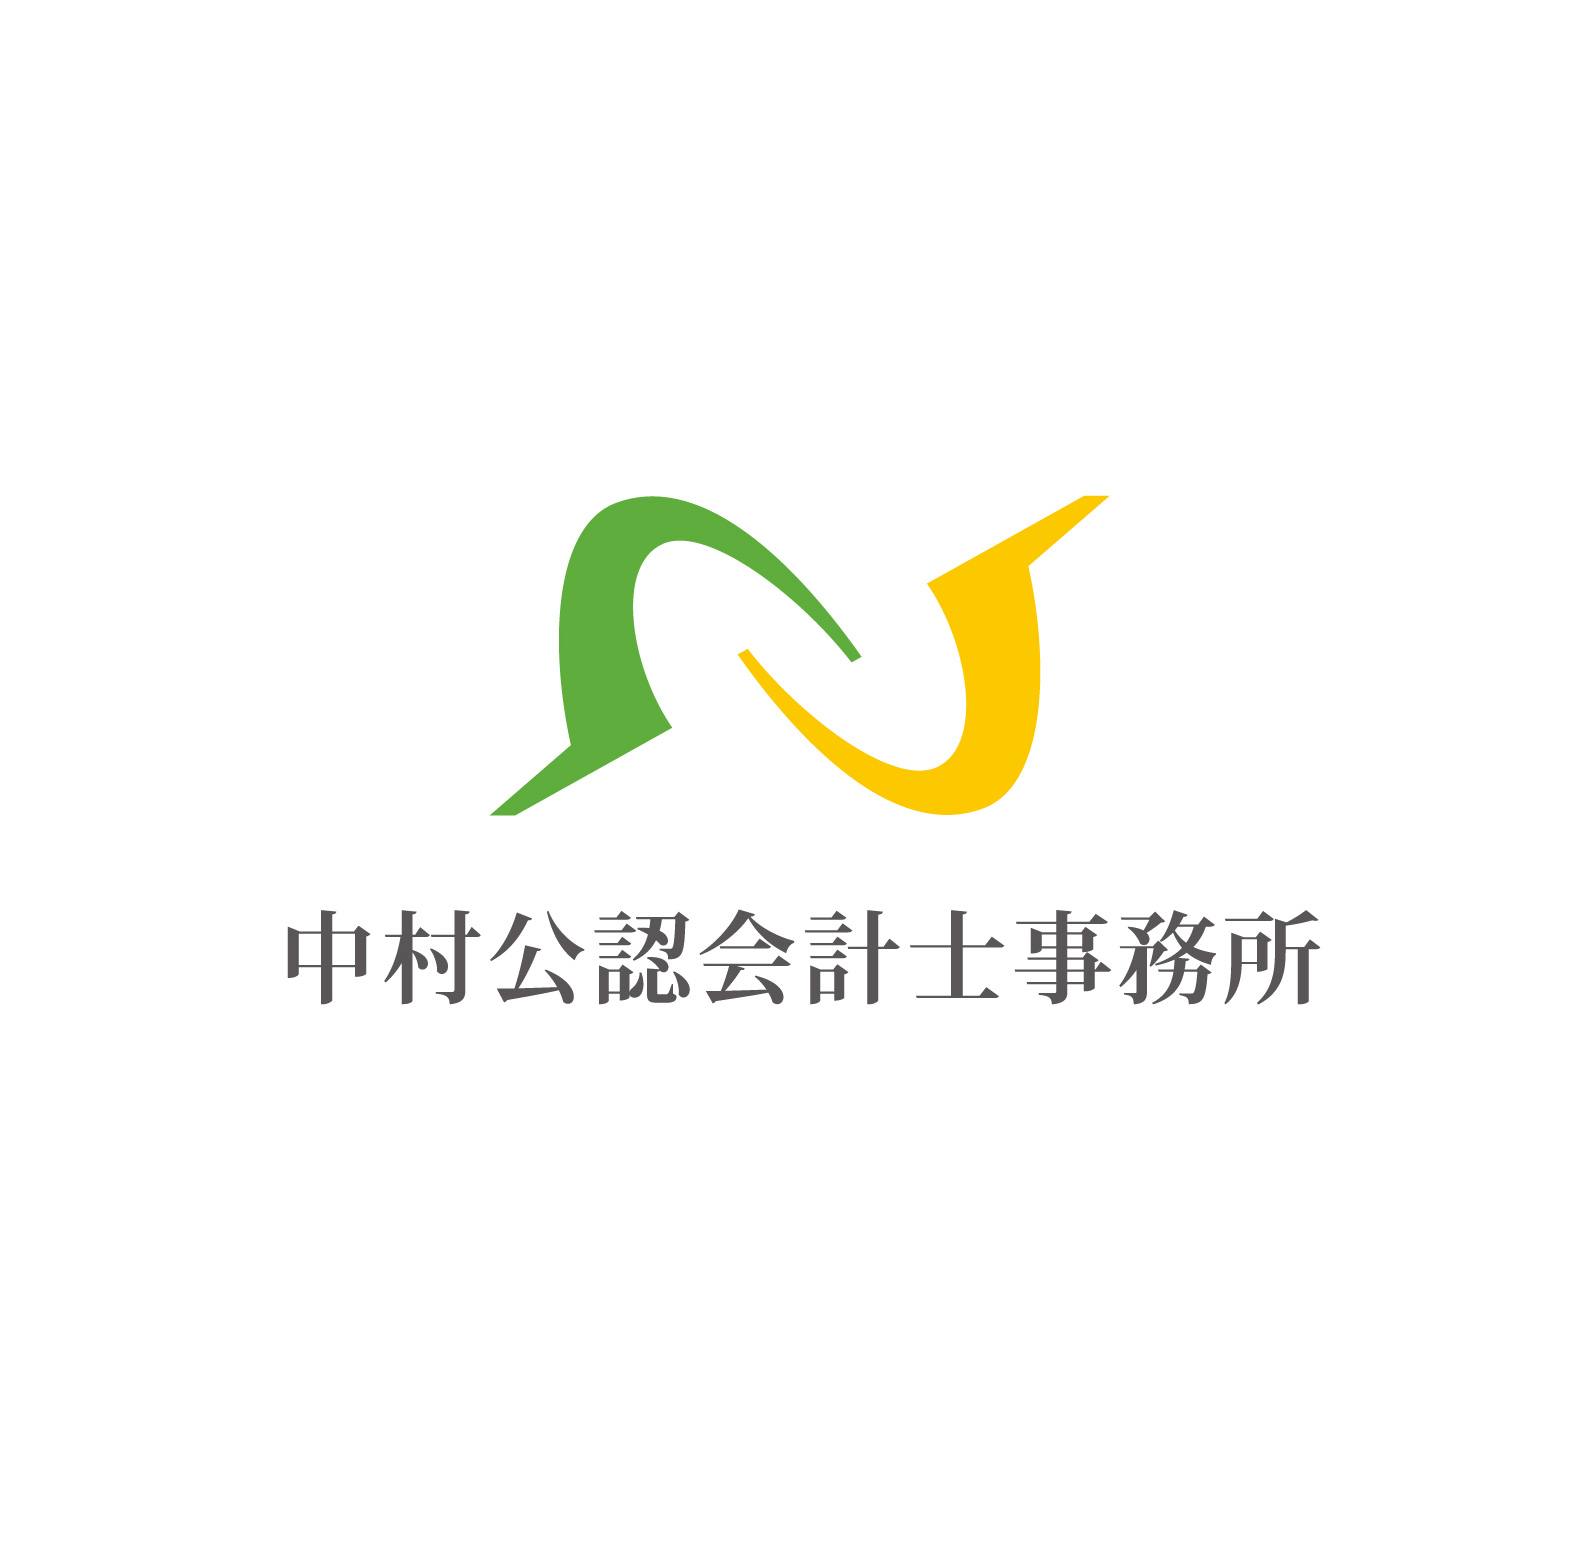 中村公認会計士-ロゴマニュアル-ol-00